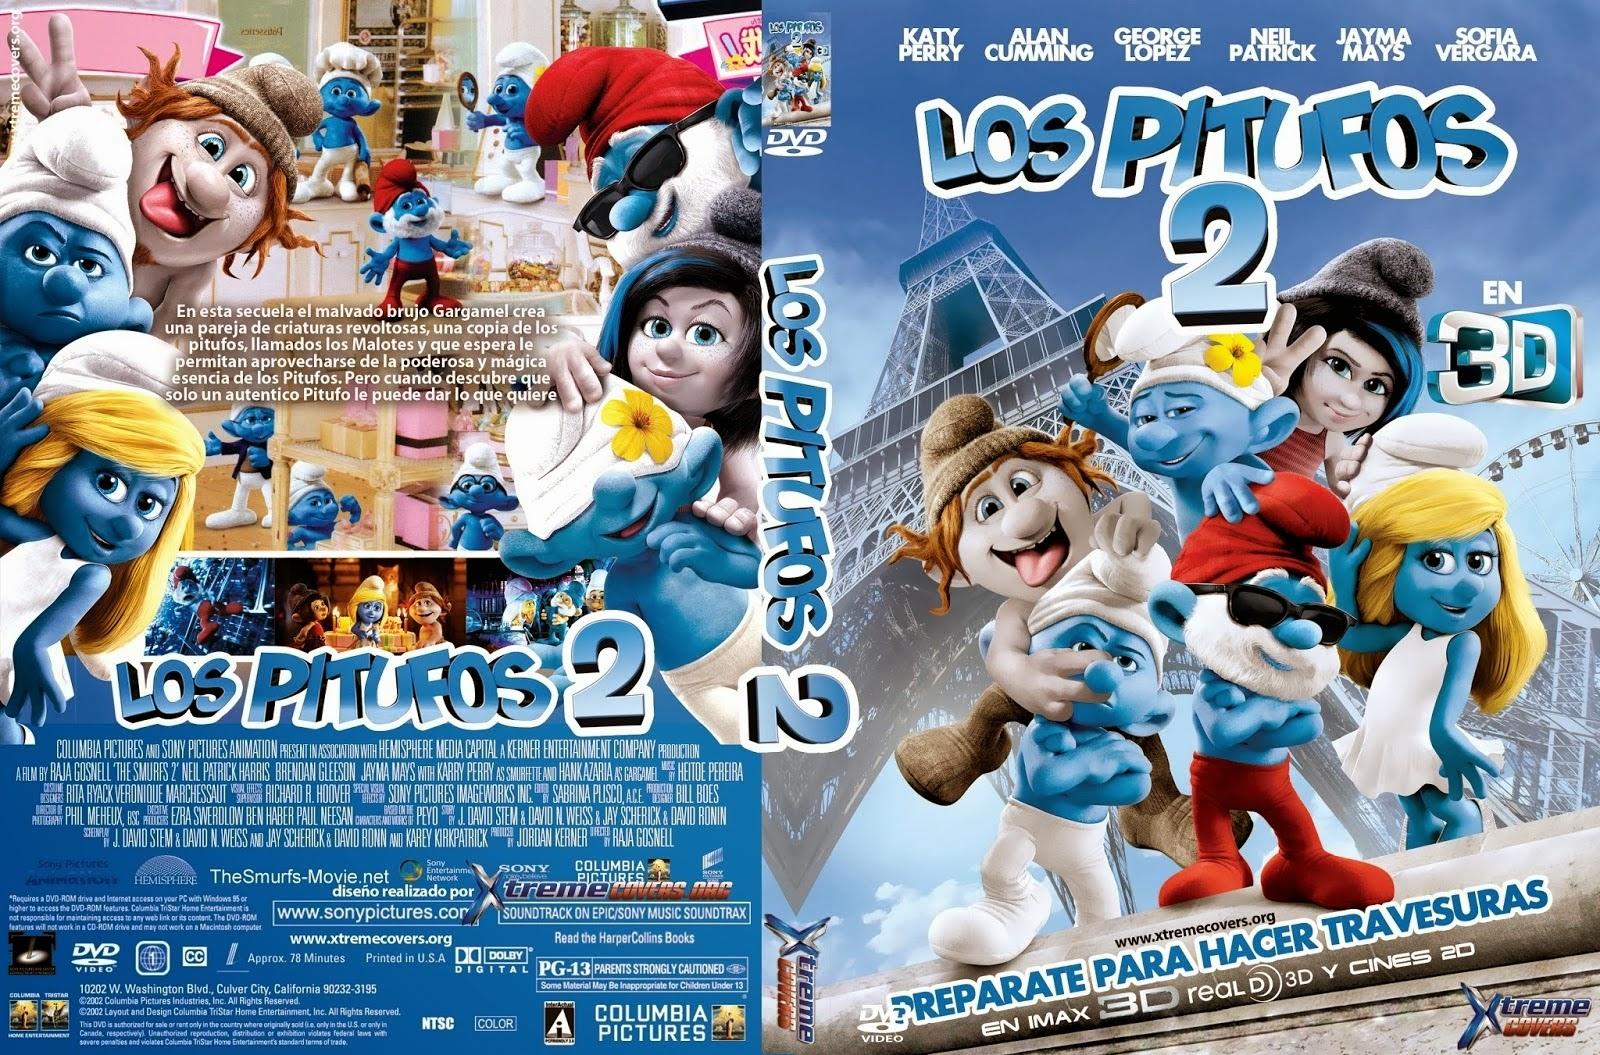 Los Pitufos 2 Hdrip Castellano 2013